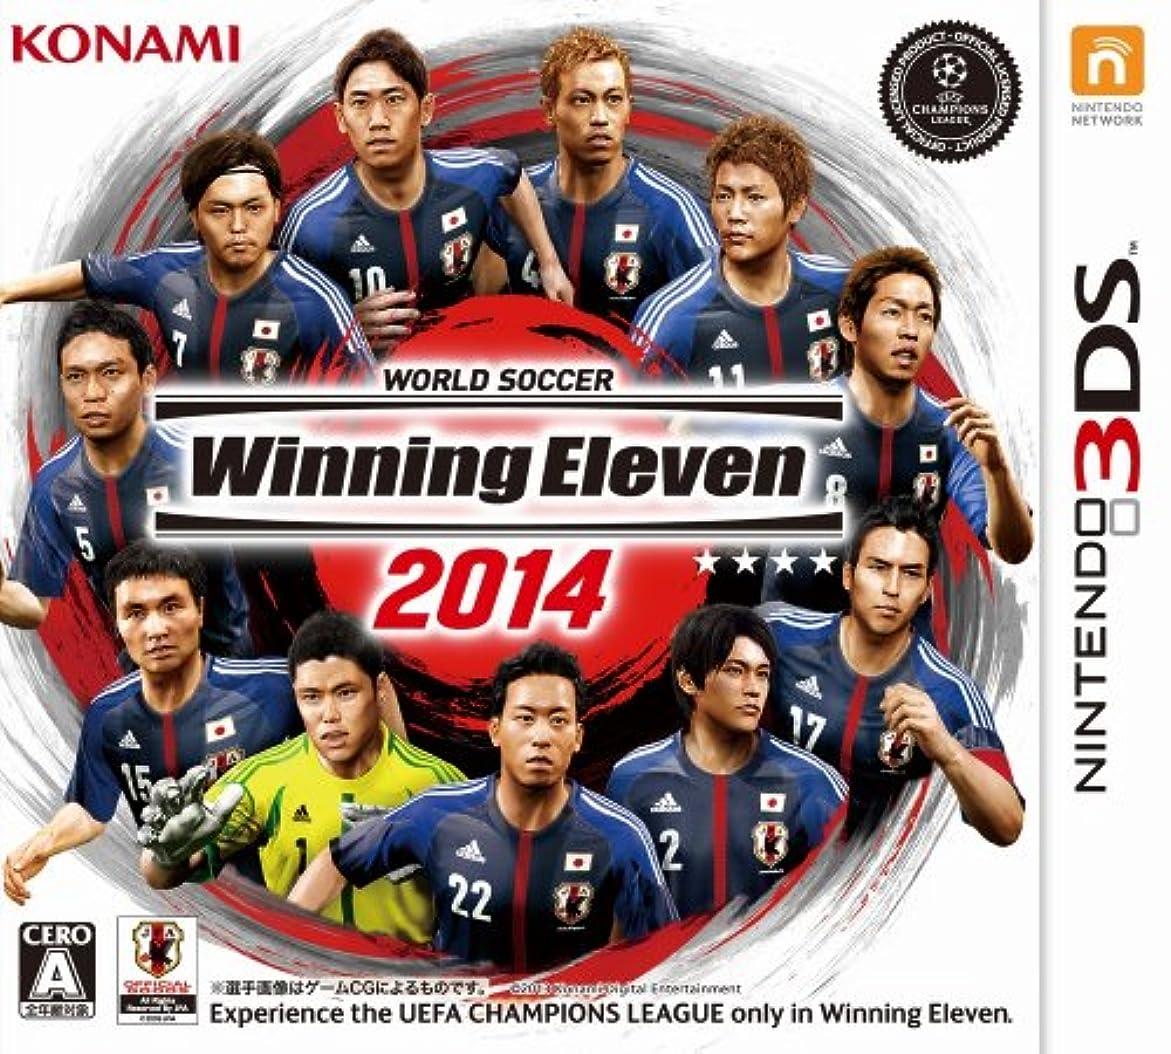 船酔いアッパー逸脱ワールドサッカー ウイニングイレブン 2014 - 3DS